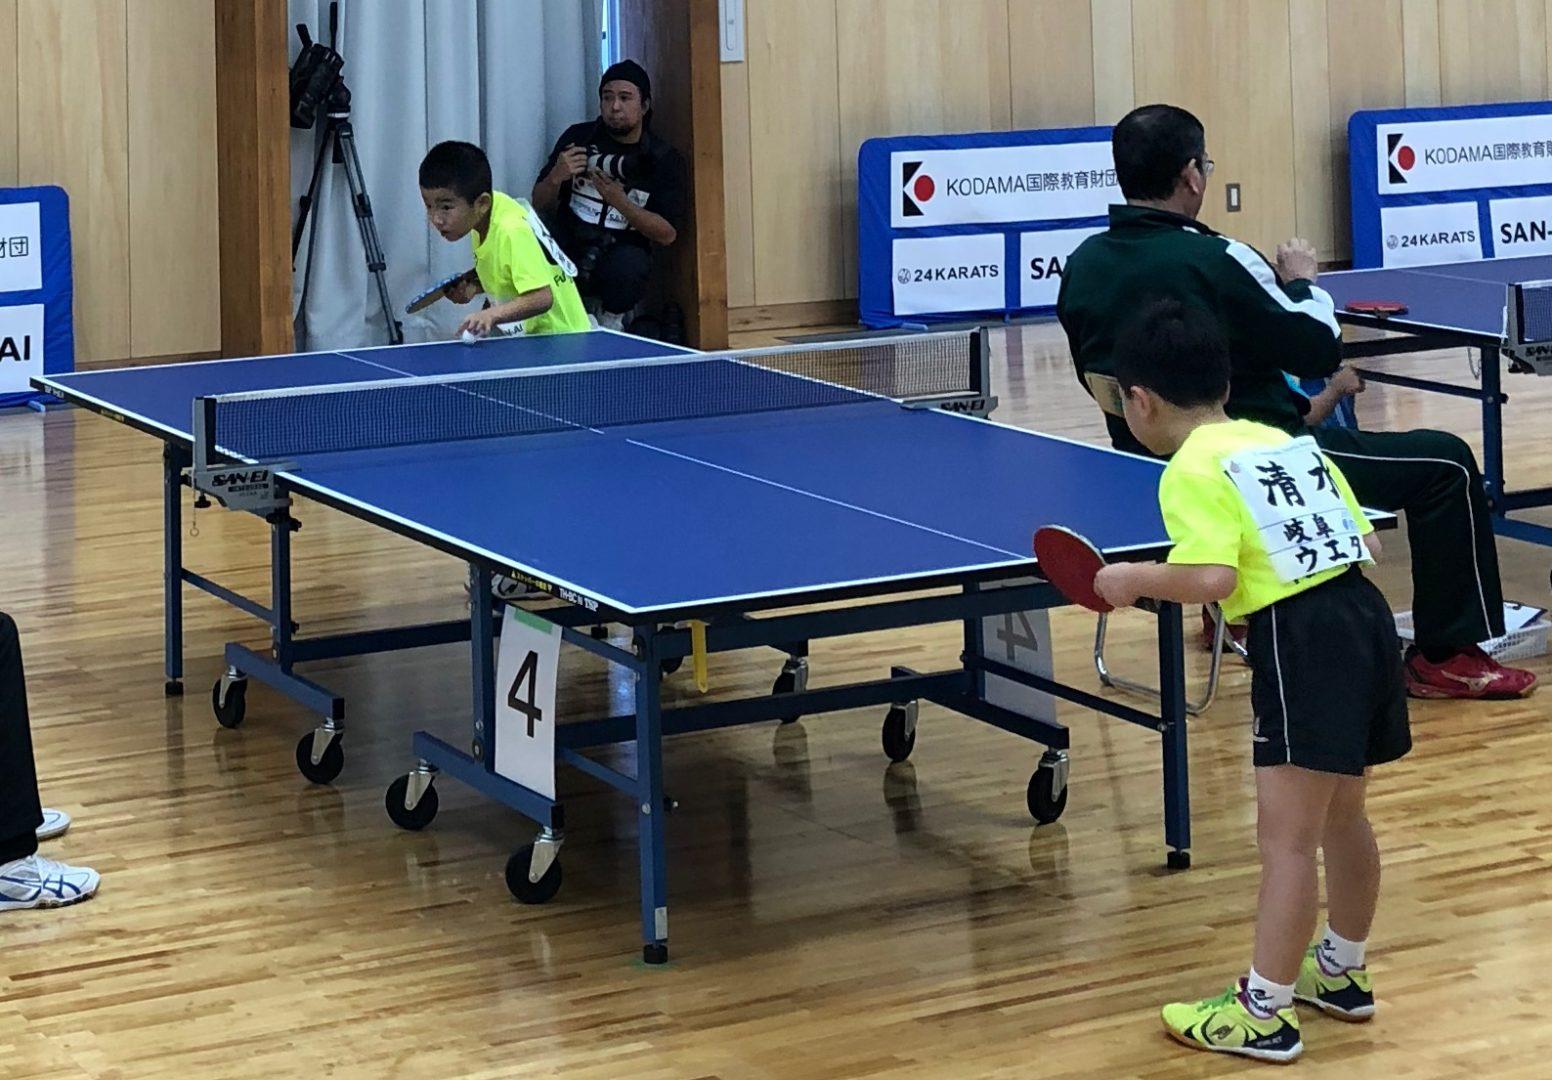 7歳以下で卓球強化合宿 アスリートの低年齢化進む